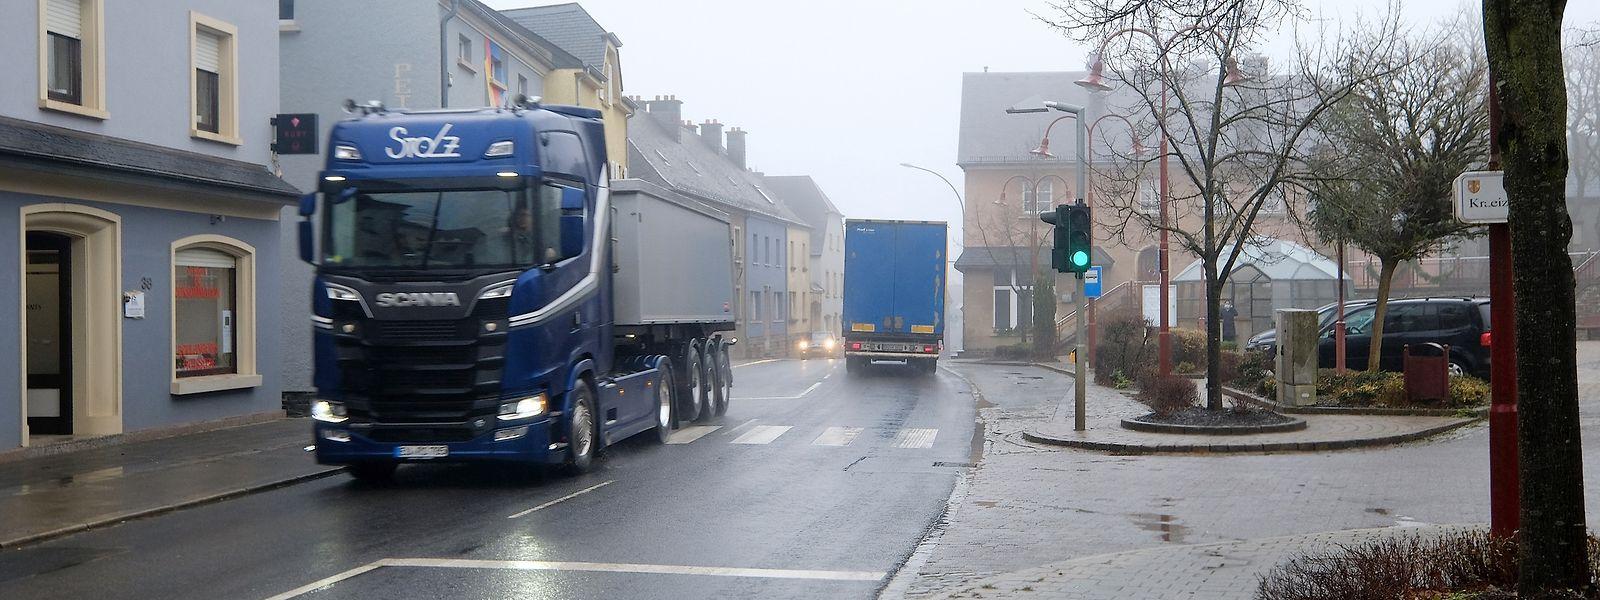 Der Verkehr in Hosingen soll sich beruhigen.